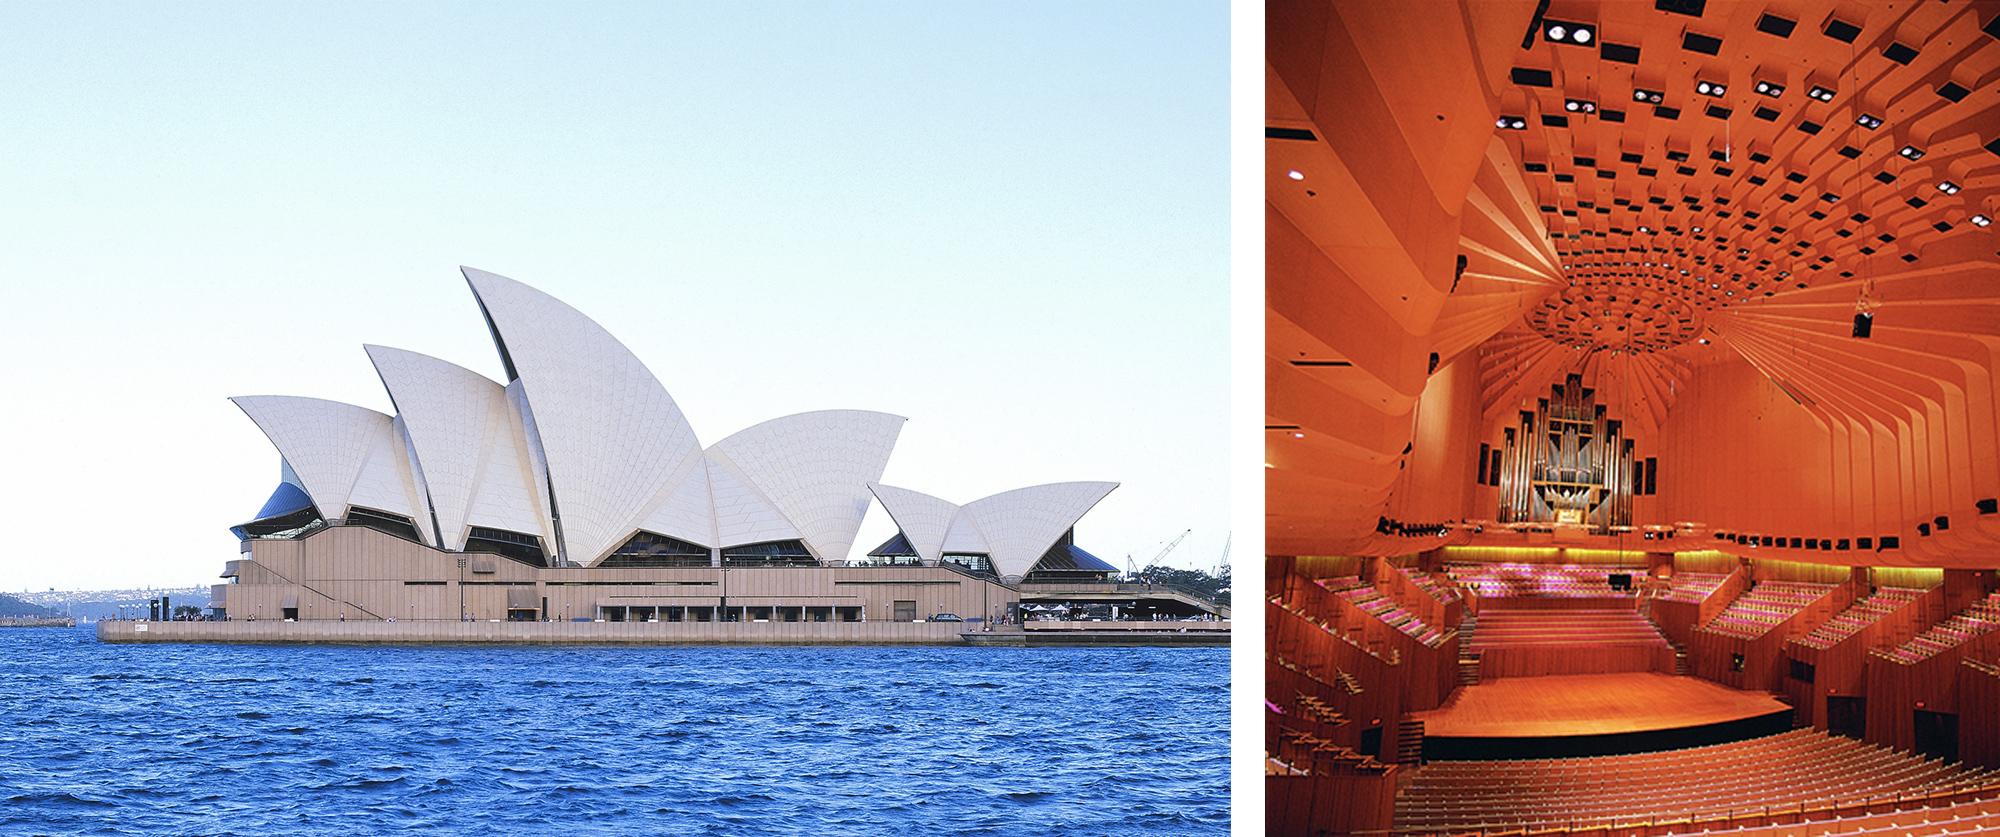 Photography: courtesy of Sydney Opera House